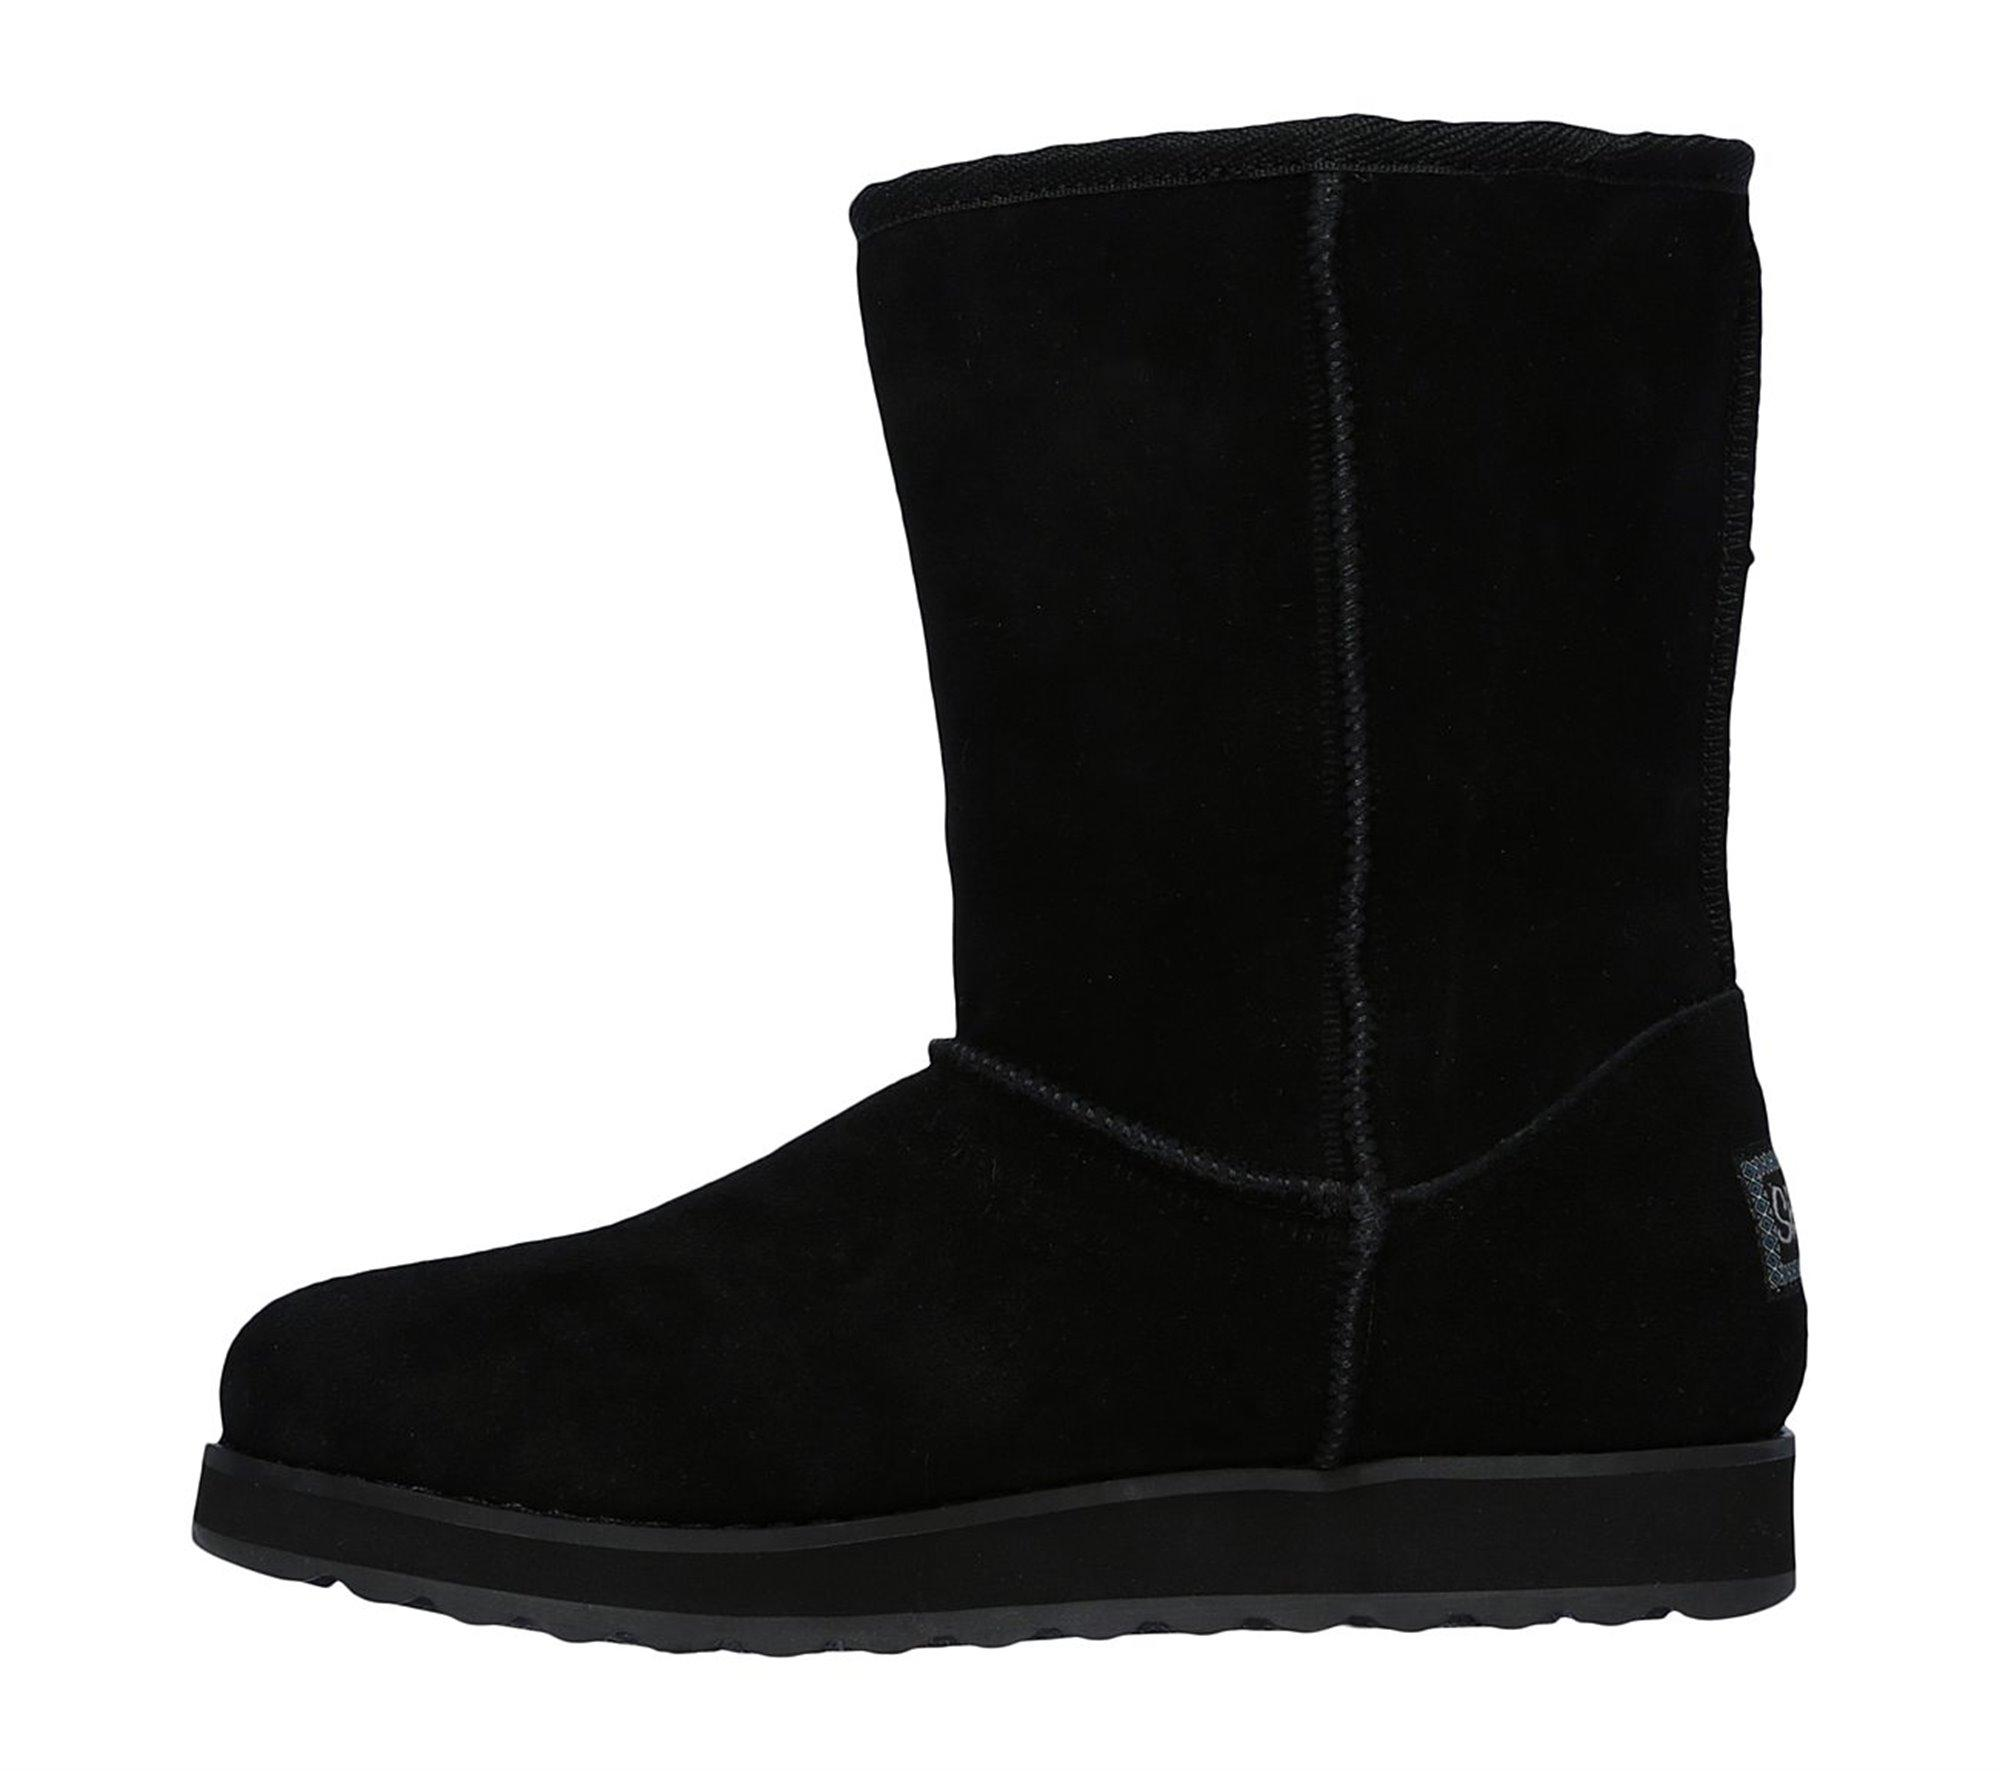 133969bee0368 Lyst - Skechers Keepsakes 2.0 - First Flurry in Black - Save 9%